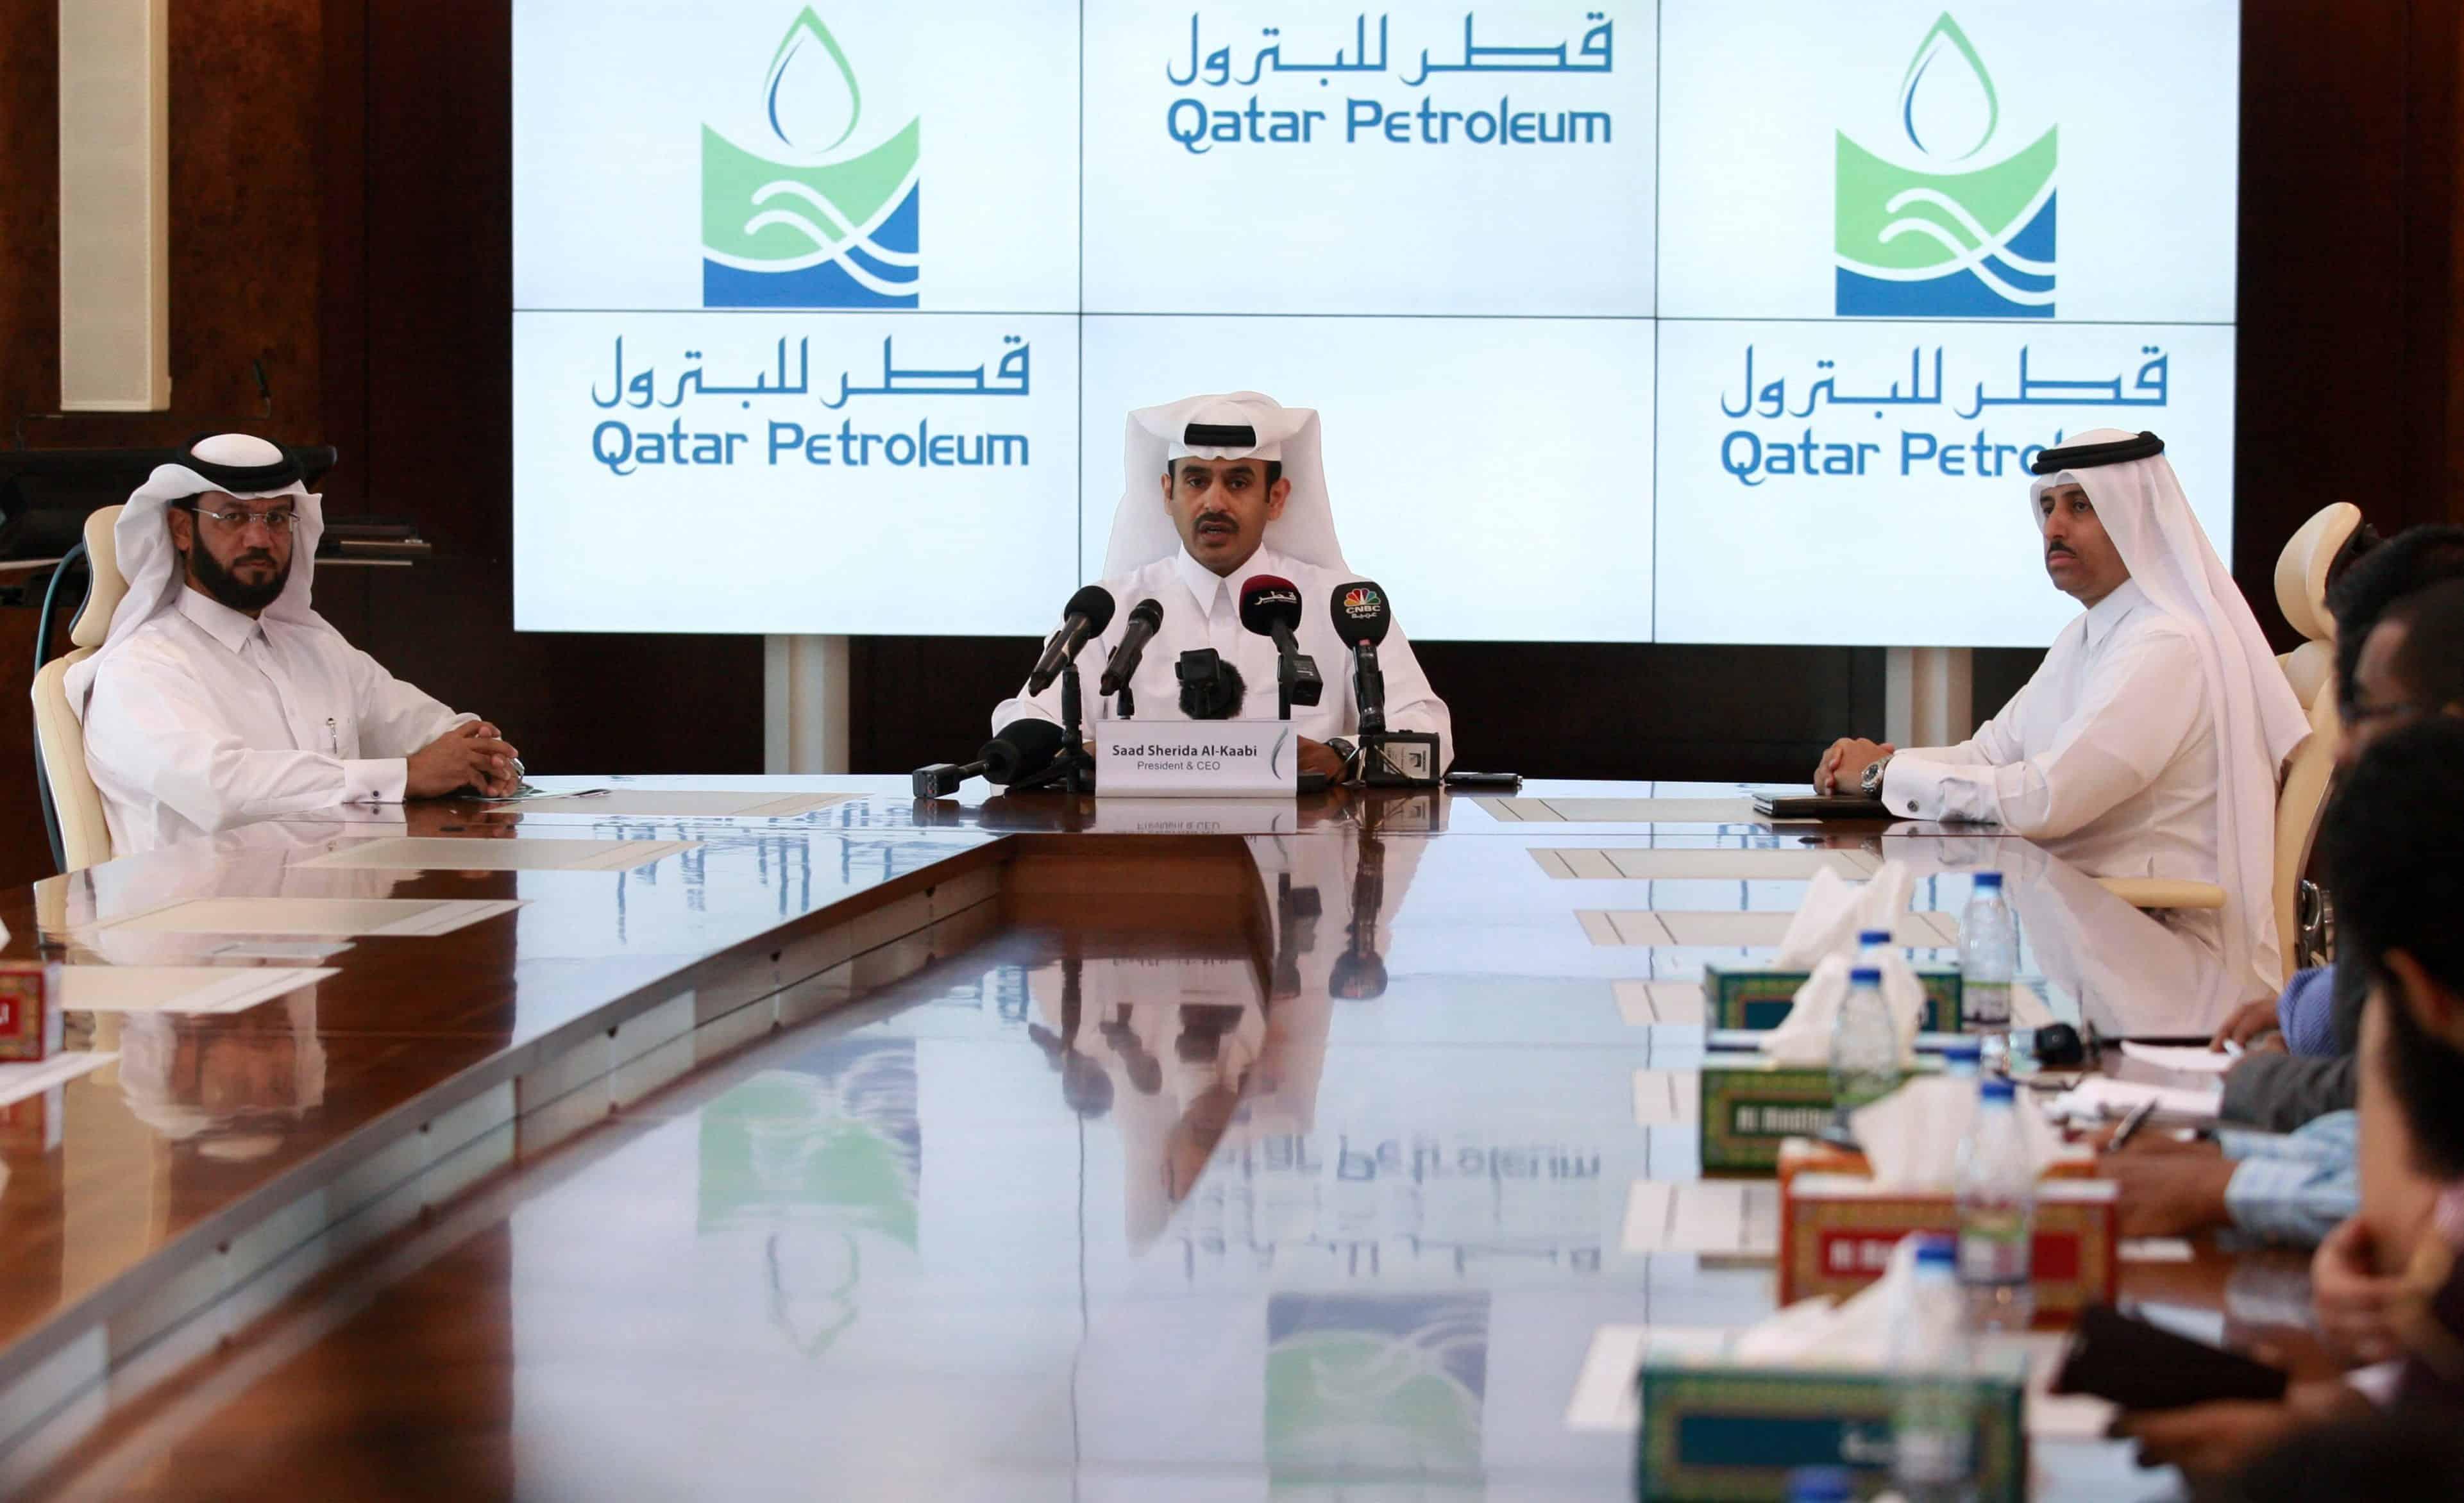 قطر تعلن عن أحد أكبر الاكتشافات على مستوى العالم في الـ20 سنة الأخيرة